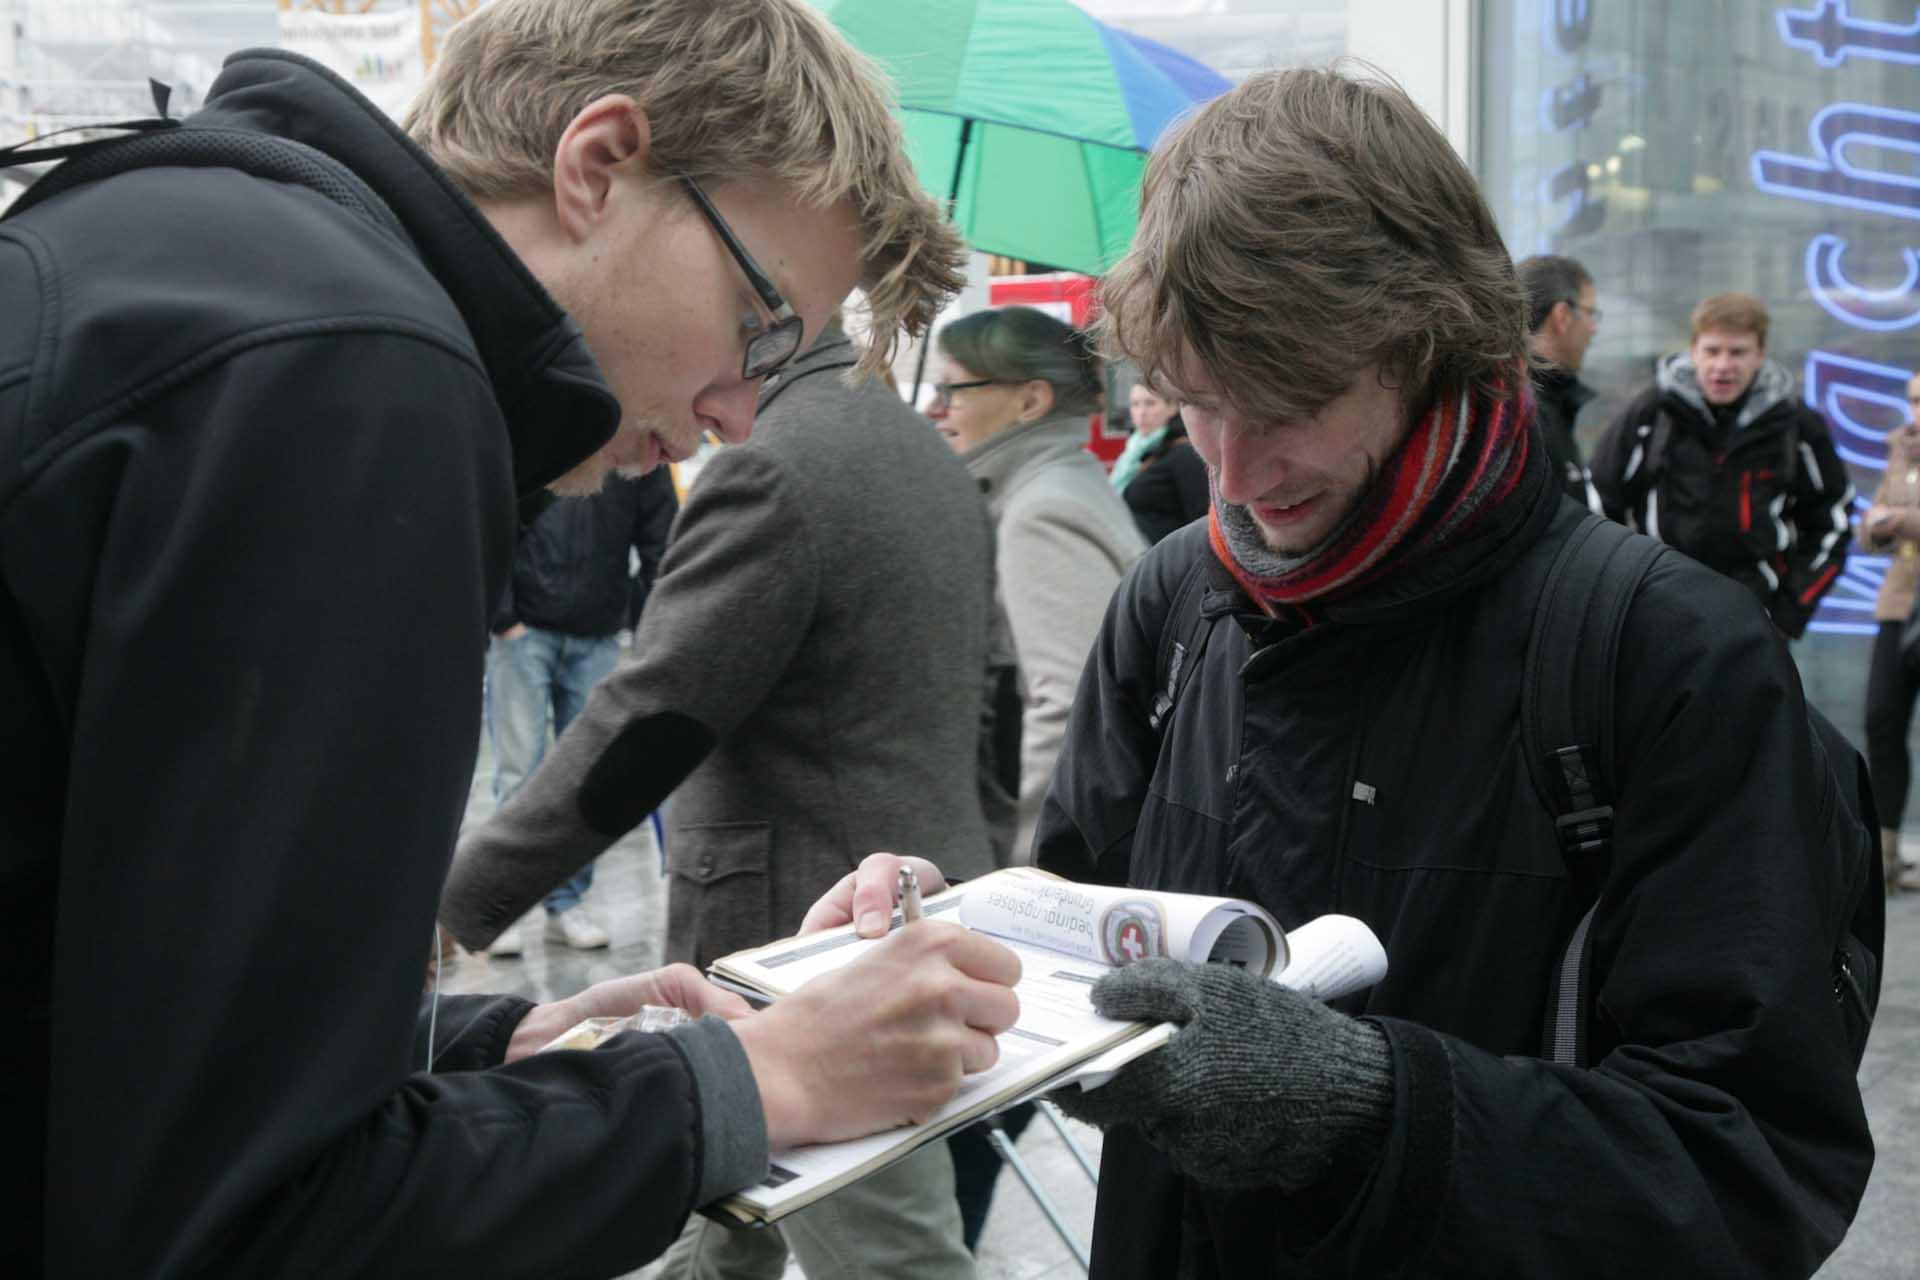 Letztlich kommen 126.000 Unterschriften zusammen, die müssen am Ende bei den entsprechenden kantonalen Heimatgemeinden der Unterzeichnenden vorgelegt und amtlich beglaubigt werden